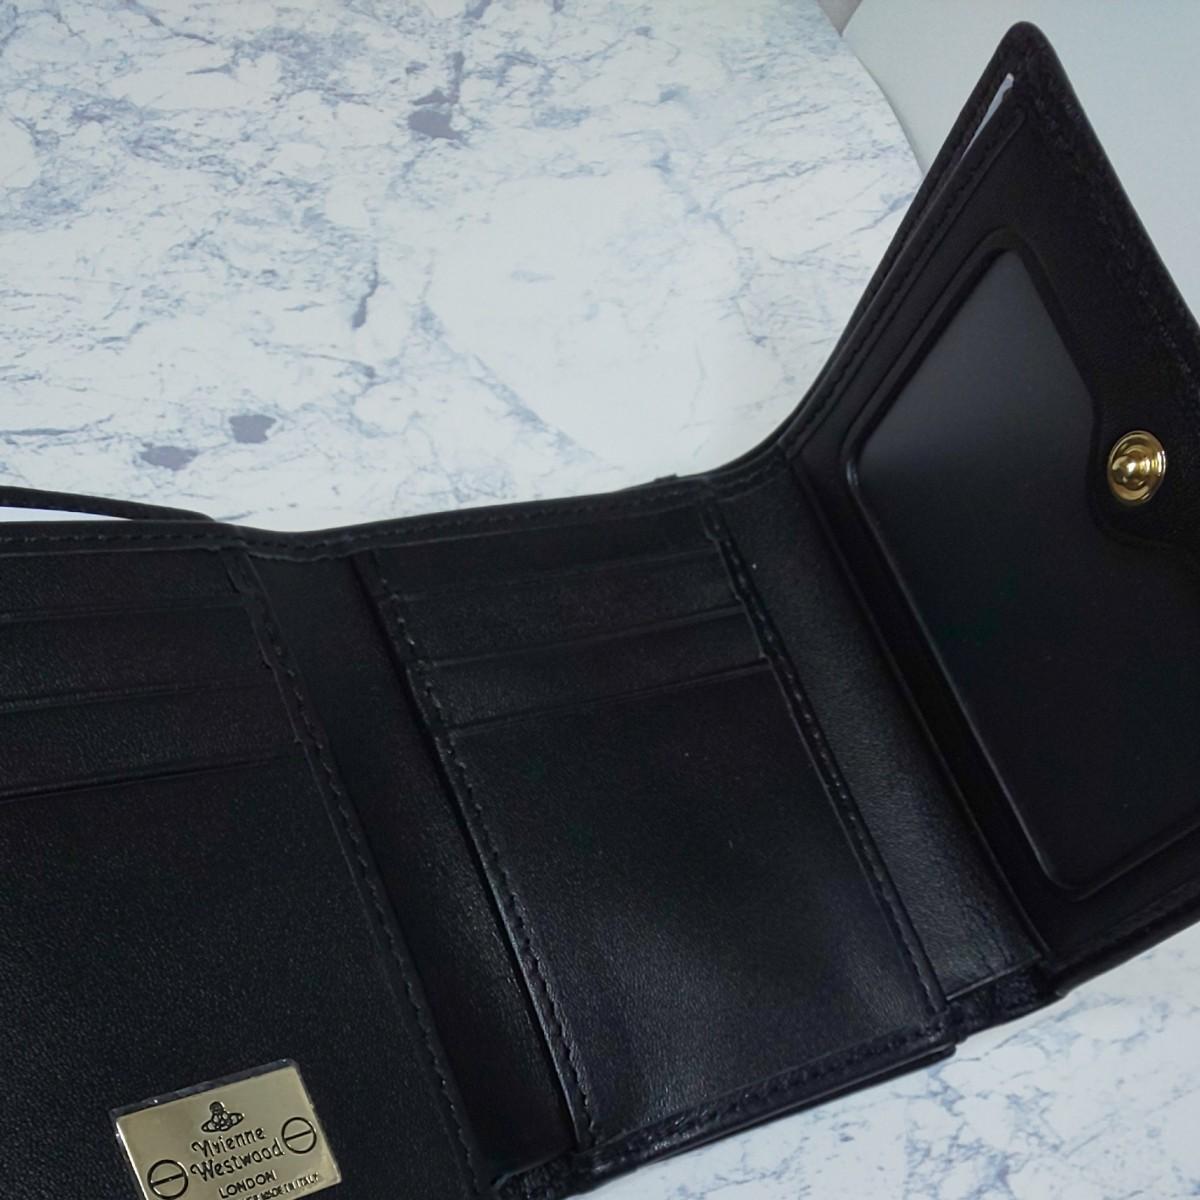 ヴィヴィアン ウエストウッド Vivienne Westwood 3つ折り財布 レディース かわいいコンパクトブラック新品未使用